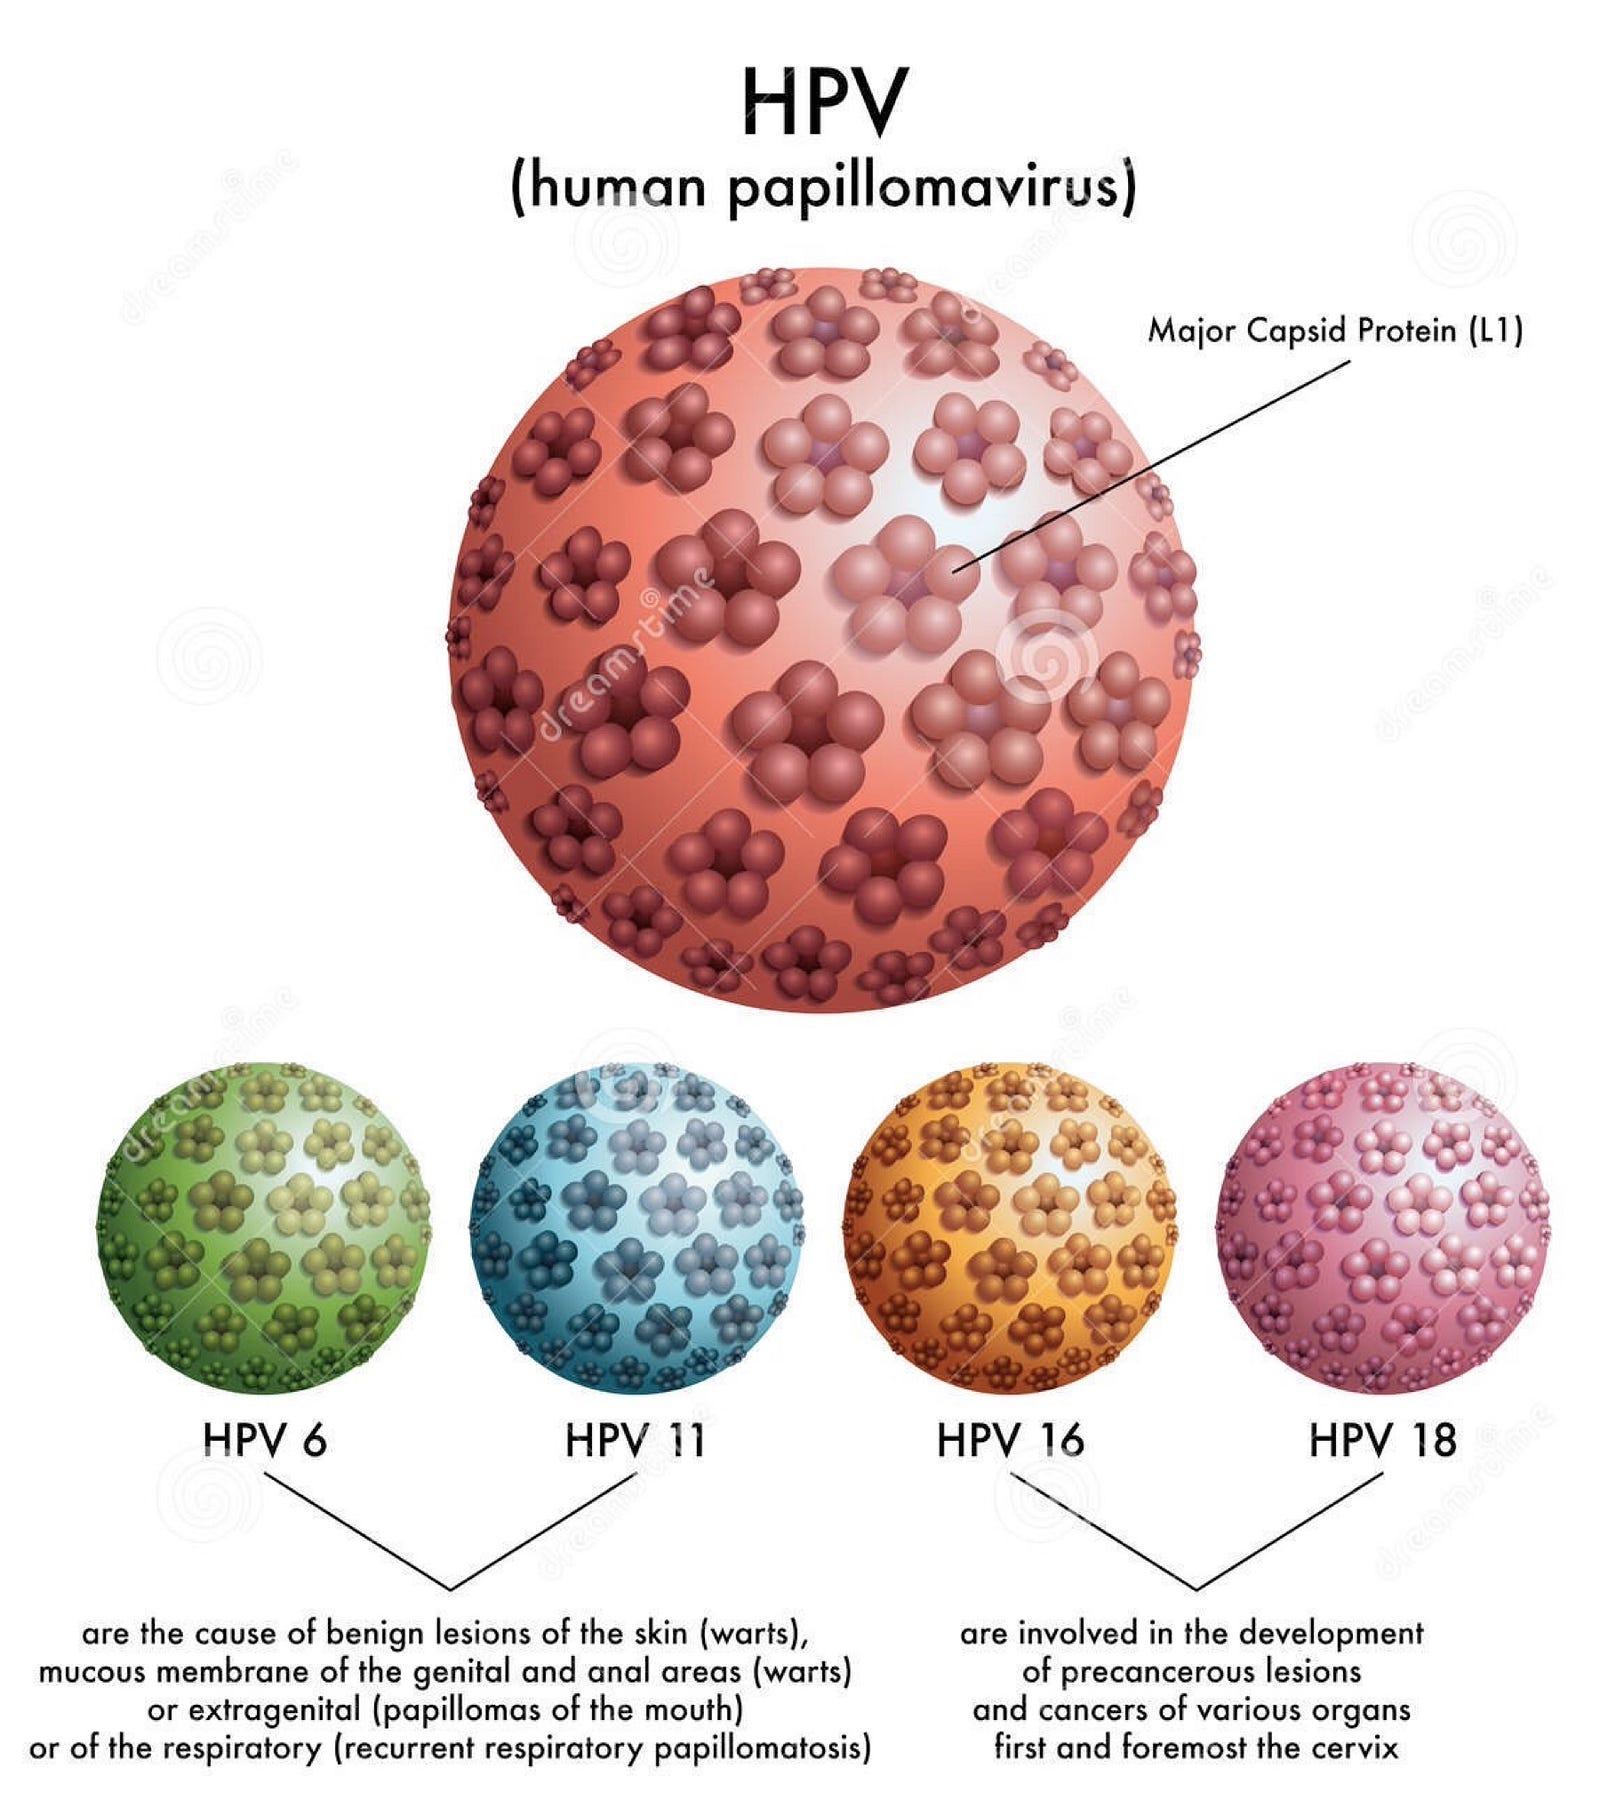 szemölcsök a papillomavíruson